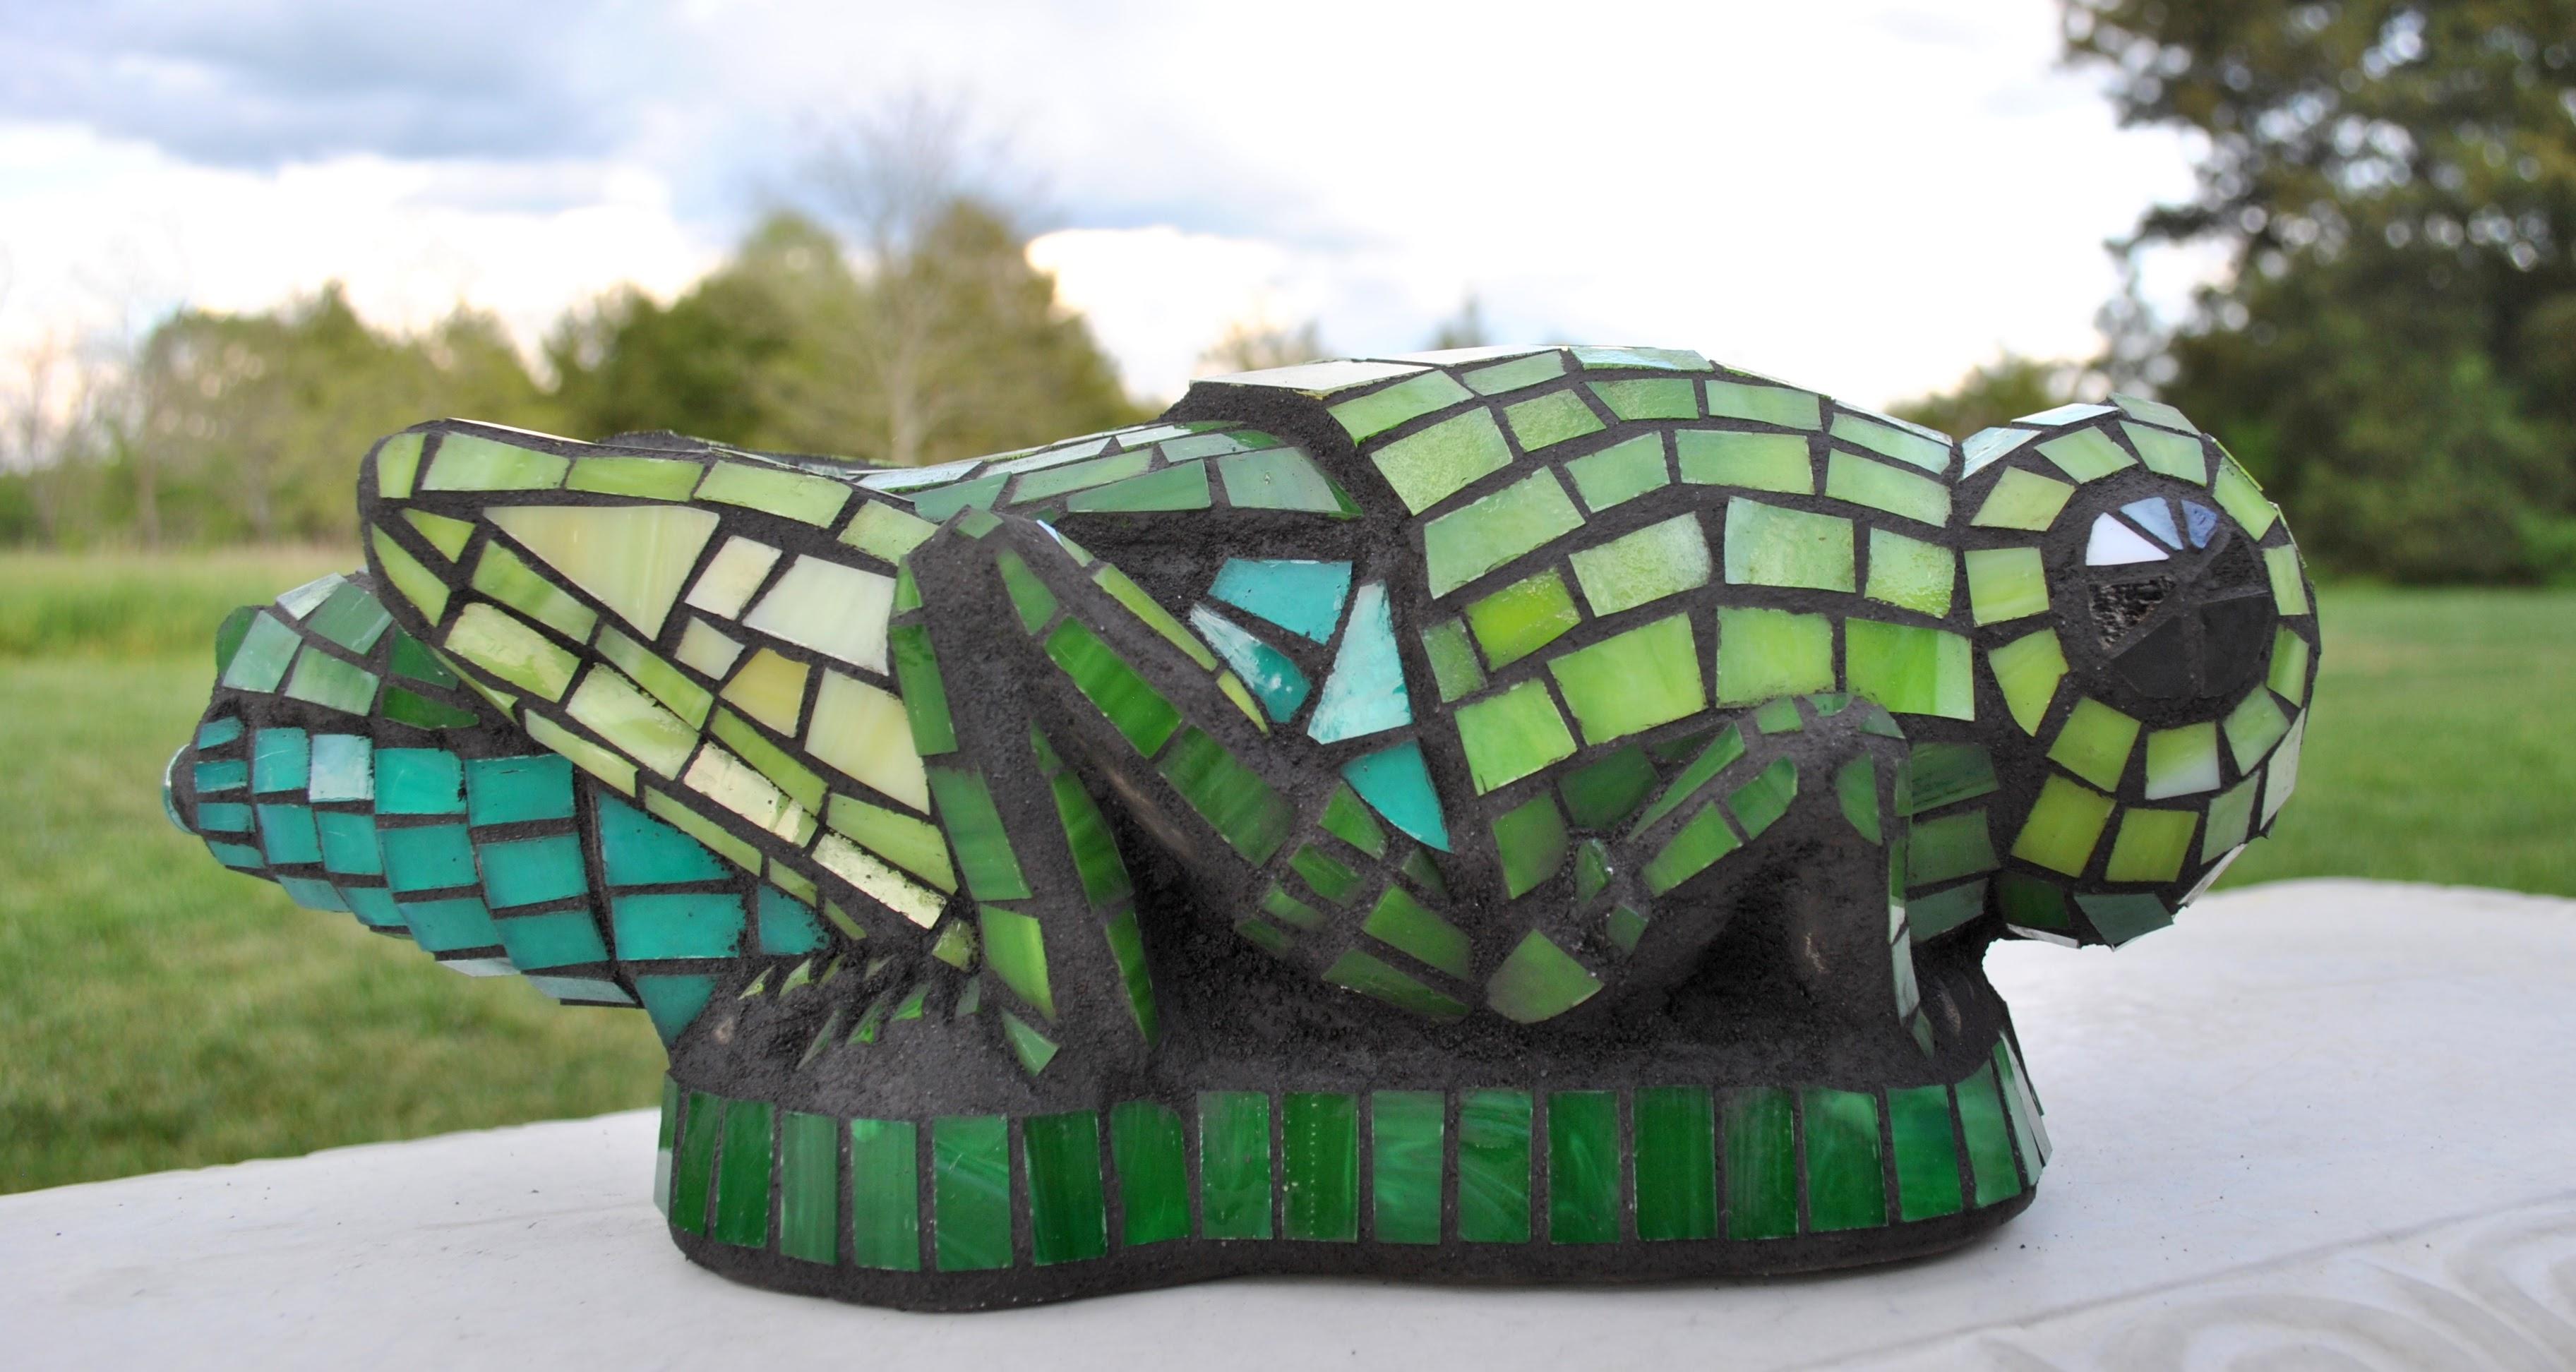 Greggory Grasshopper